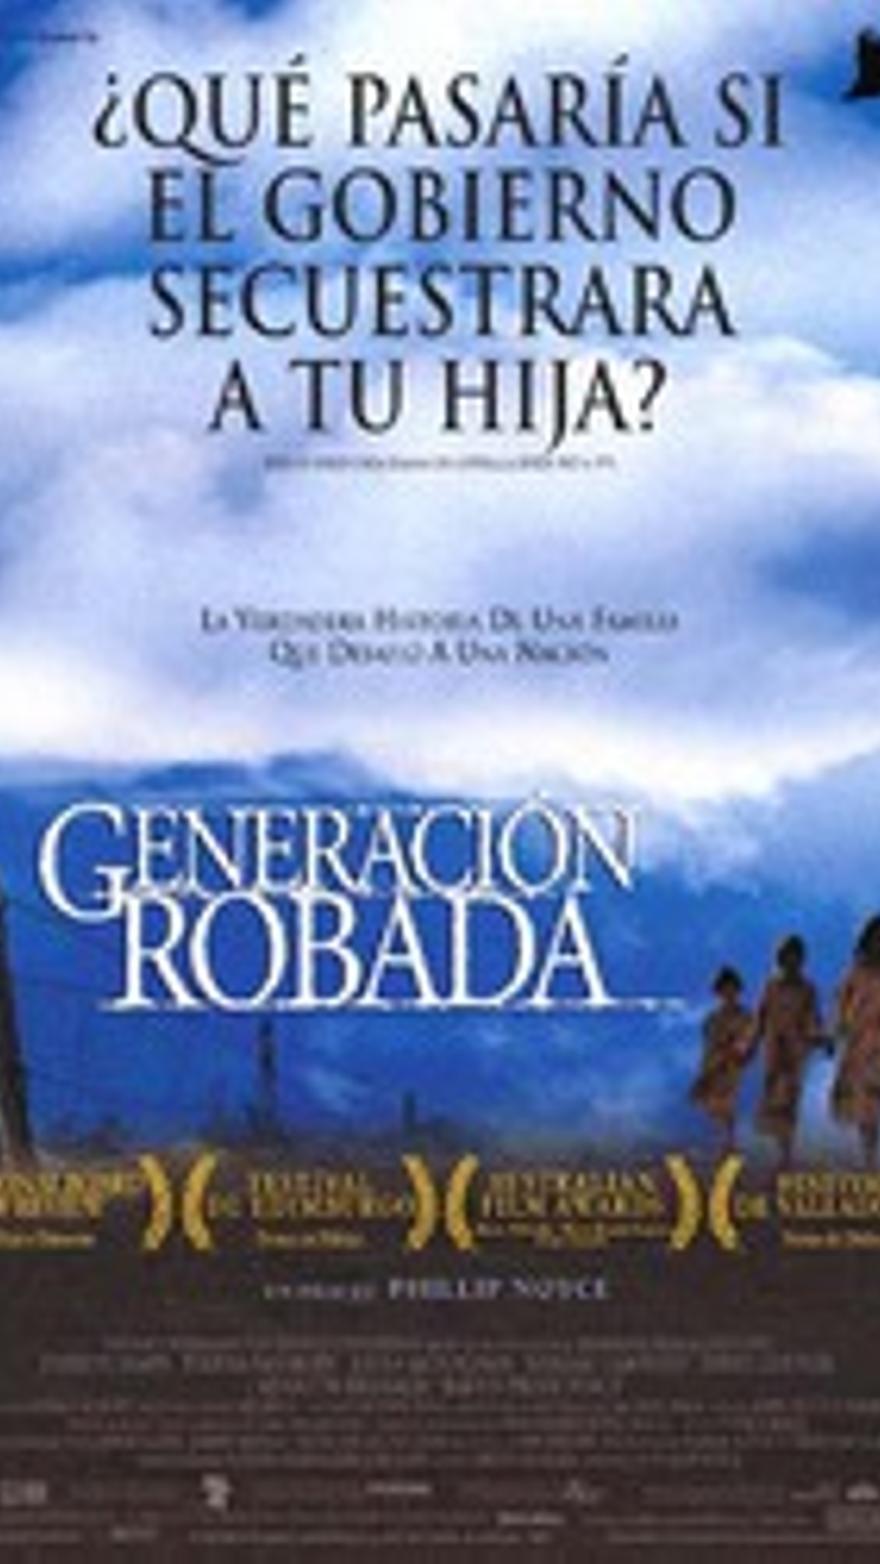 Generación robada